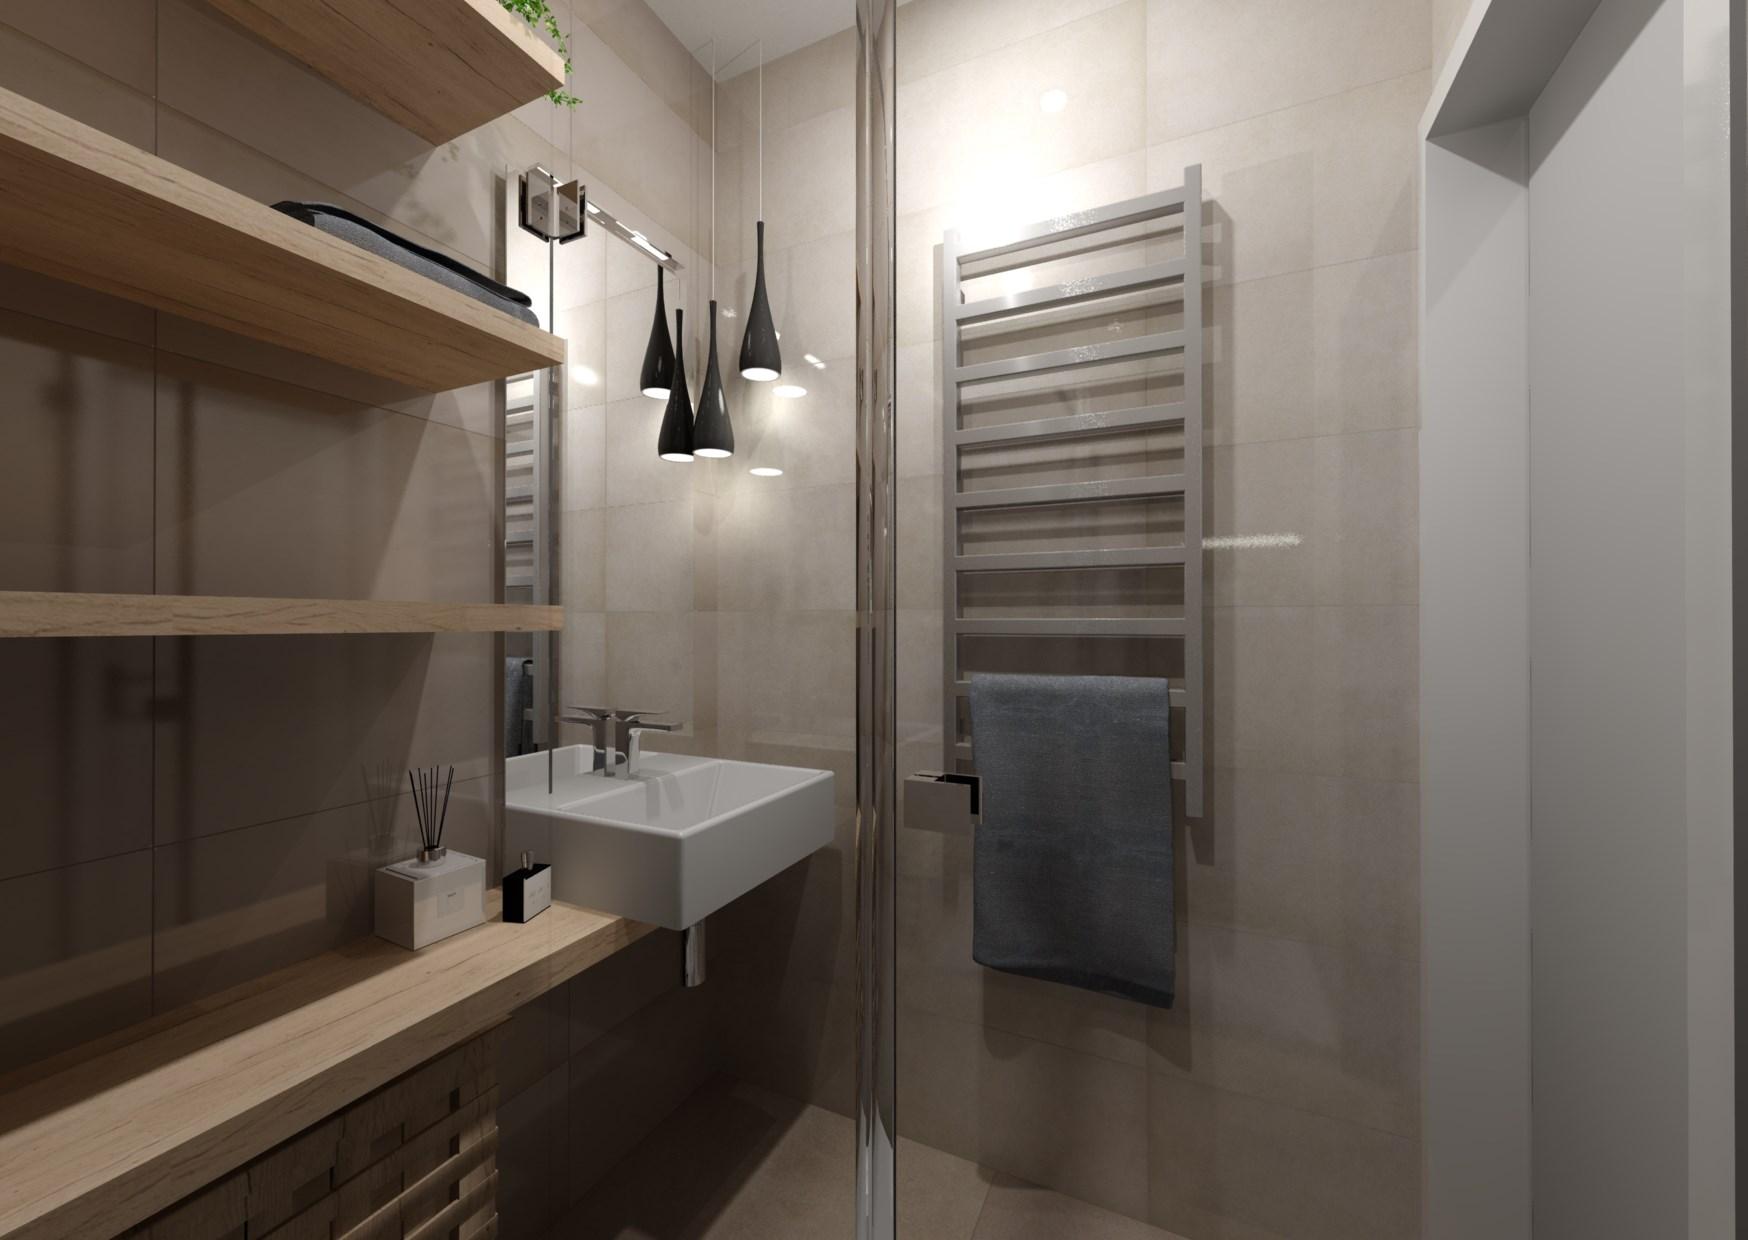 Návrh rekonstrukce mini koupelny  2